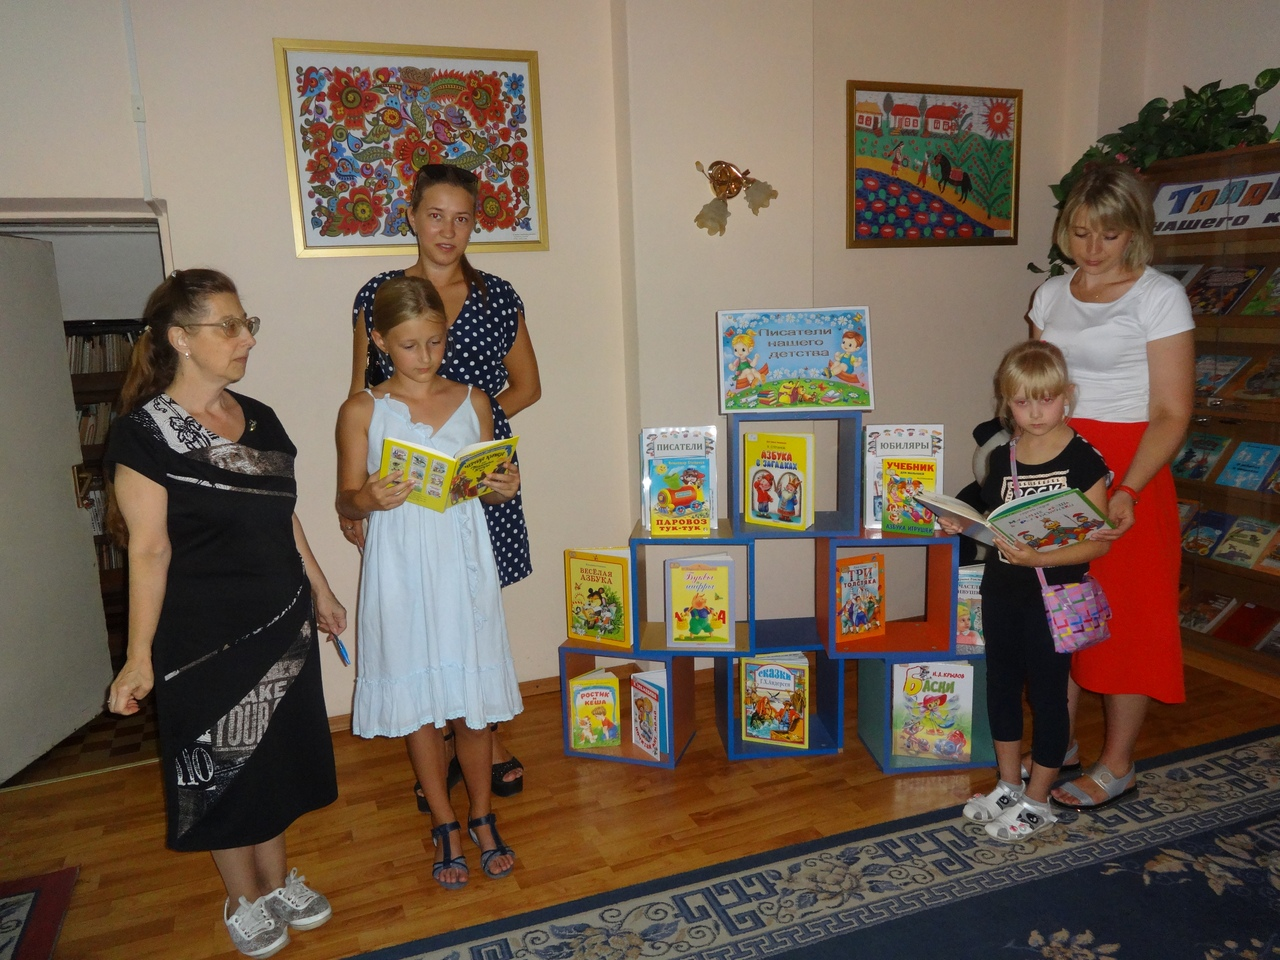 отдел обслуживания дошкольников и учащихся 1-4 классов, Донецкая республиканская библиотека для детей, лето с библиотекой, привет библиоЛЕТО